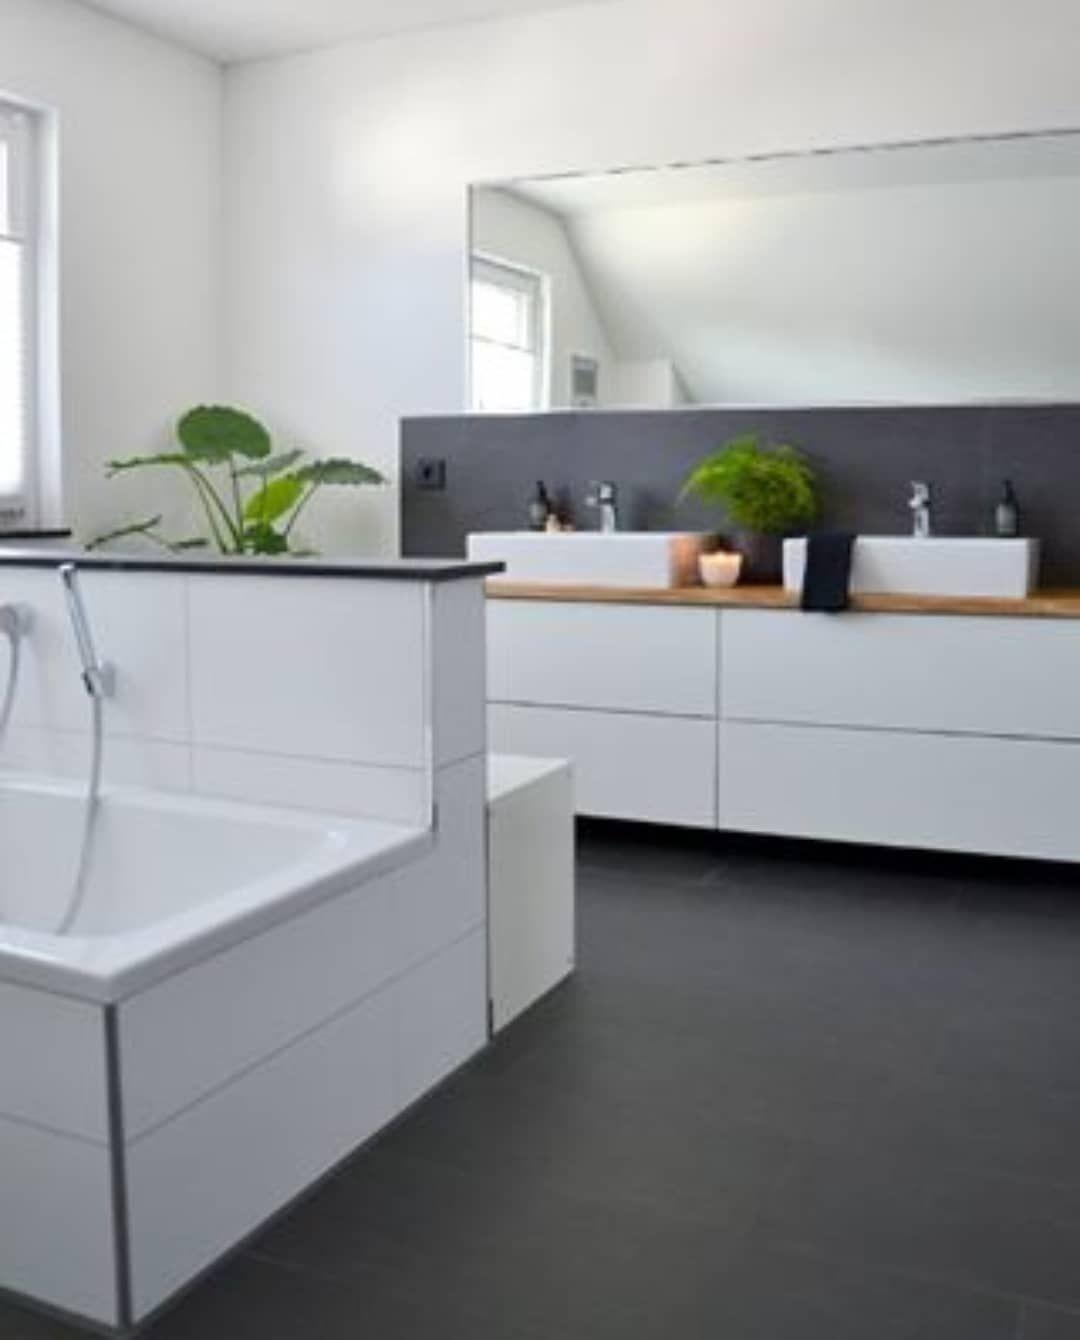 Passion Tiles On Instagram Werbung Badezimmer Von Du Ich Wir Zuhause Anthrazit Meinhaus Hausba Badezimmer Anthrazit Badezimmer Badezimmer Design